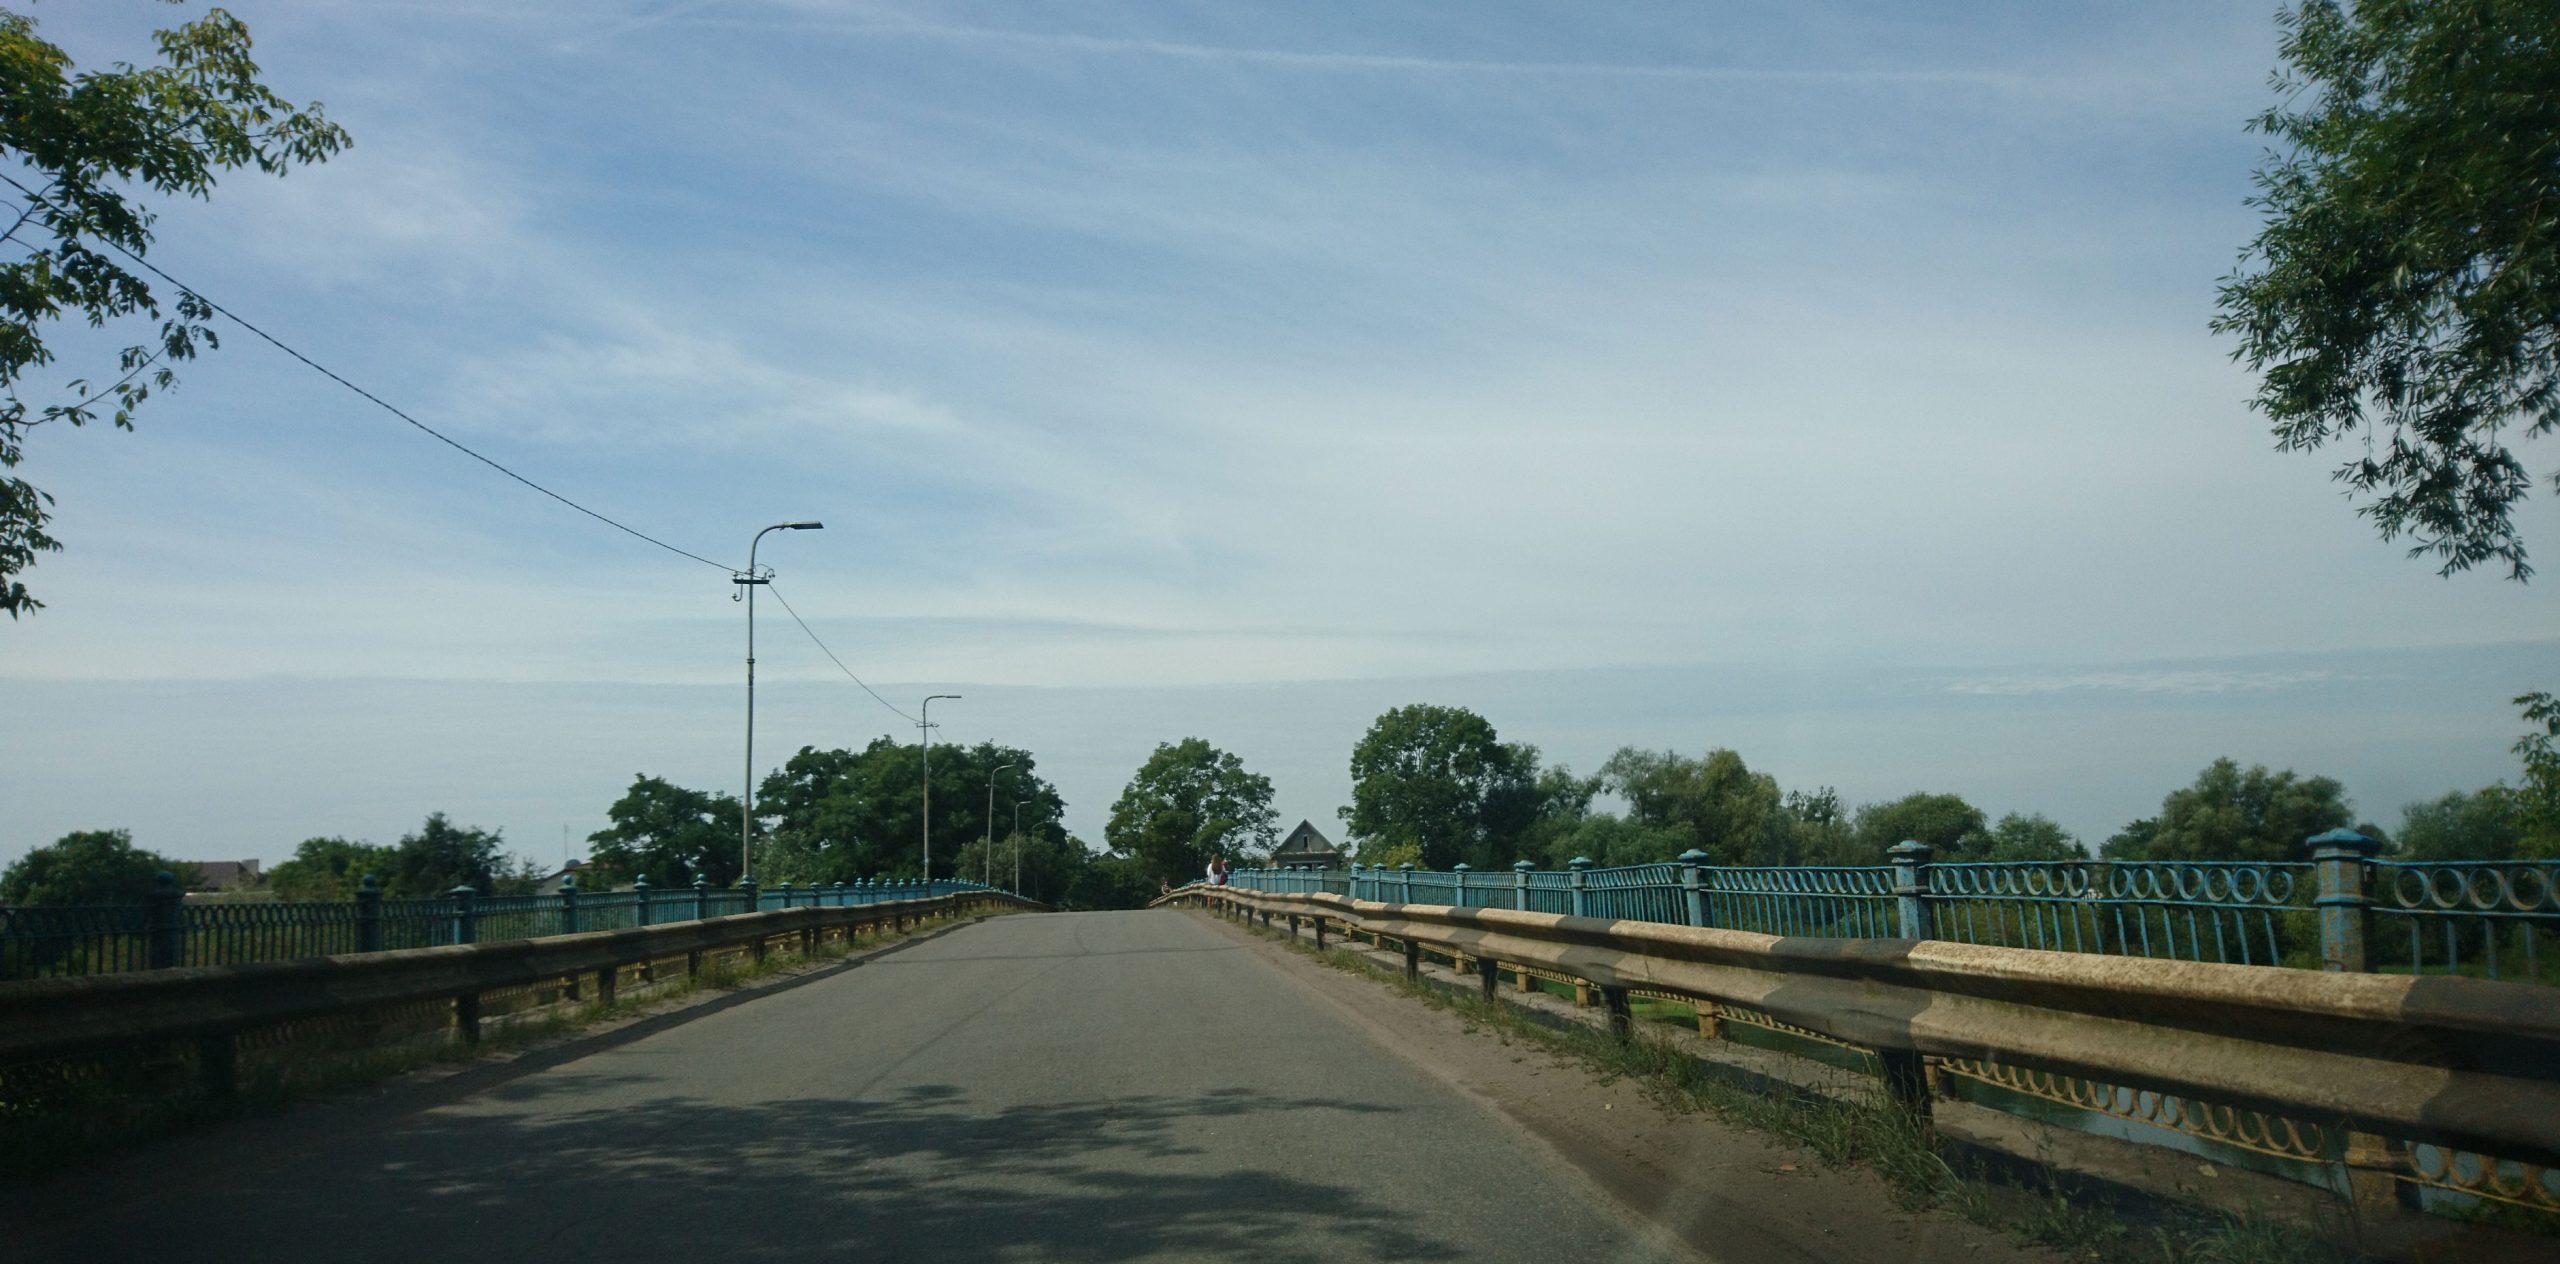 Автомобільний міст між Сокалем і Жвиркою: відремонтують старий чи побудують новий?